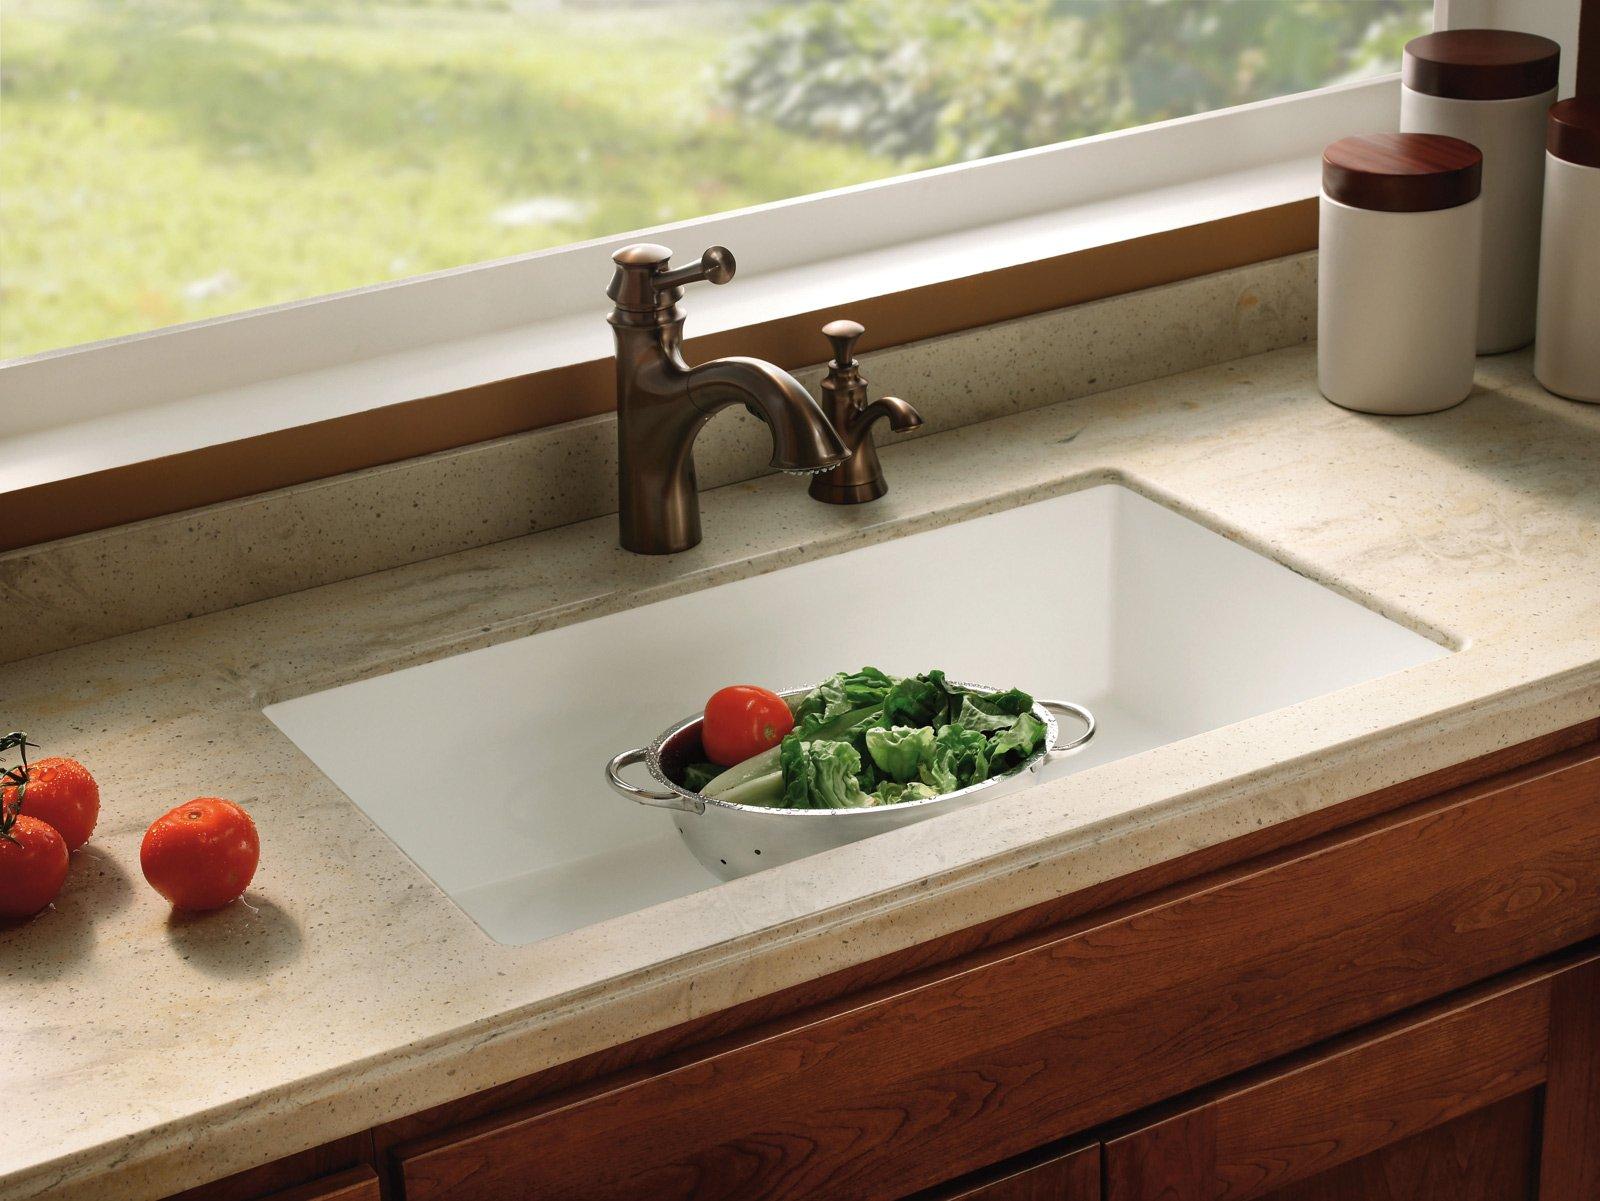 Cucina: materiali che migliorano nel tempo - Cose di Casa